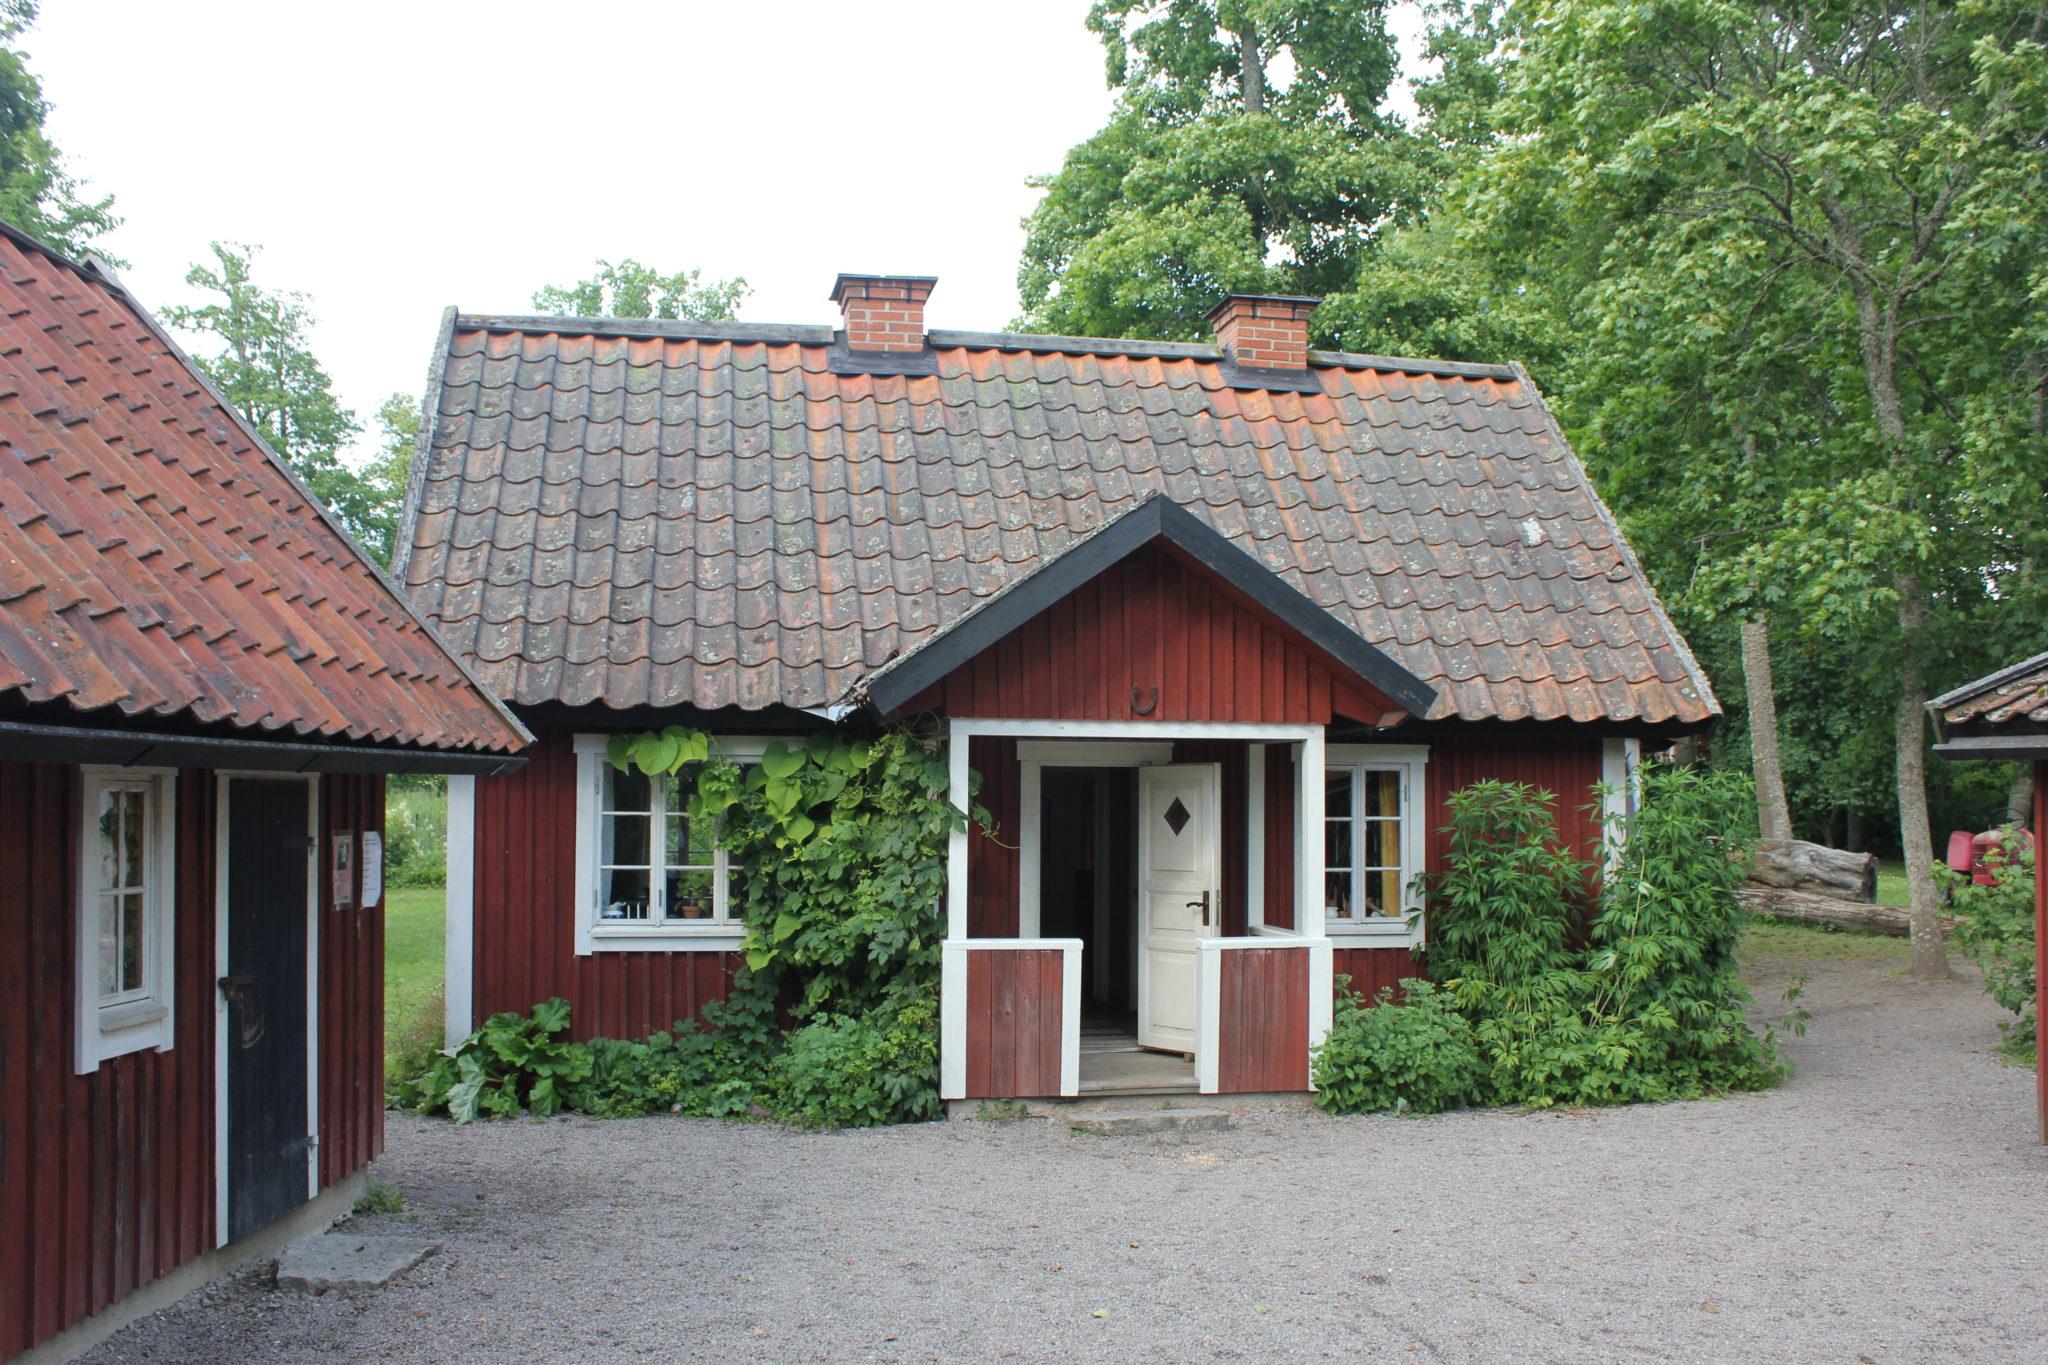 Pettersons Haus